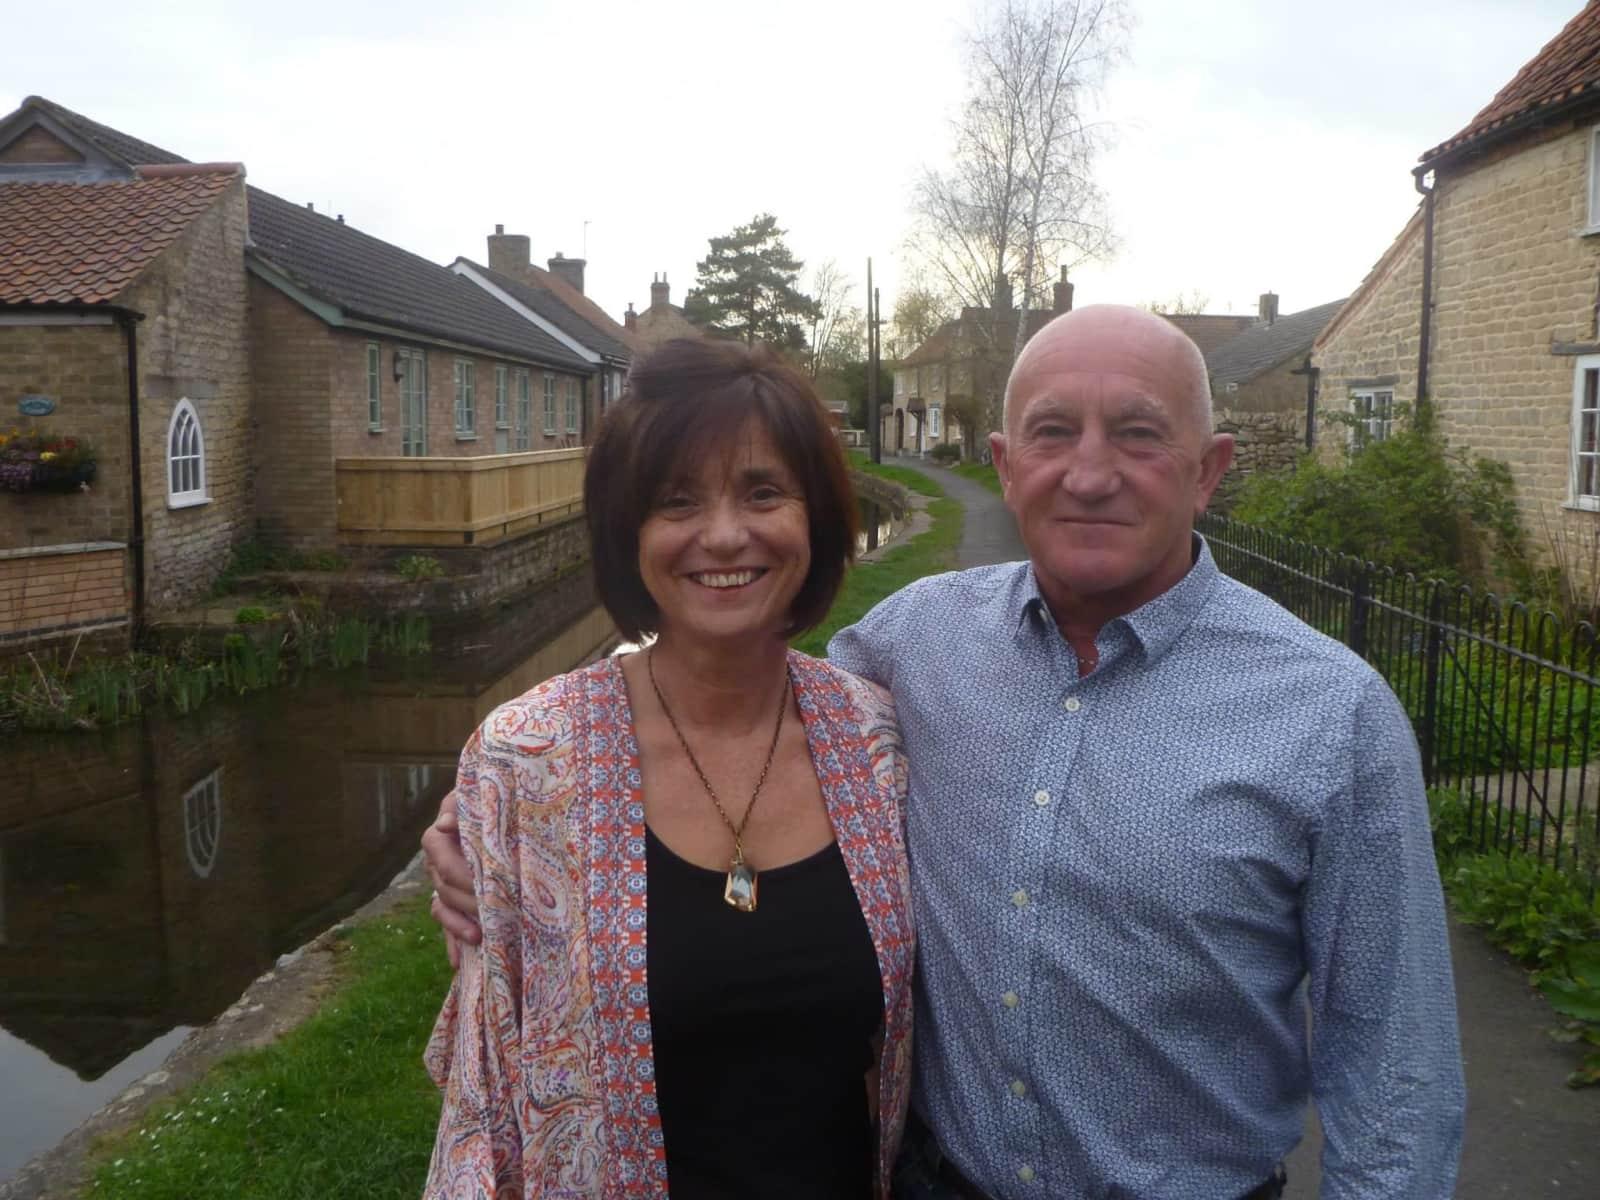 Trish matthews & Steffan from Nettleham, United Kingdom